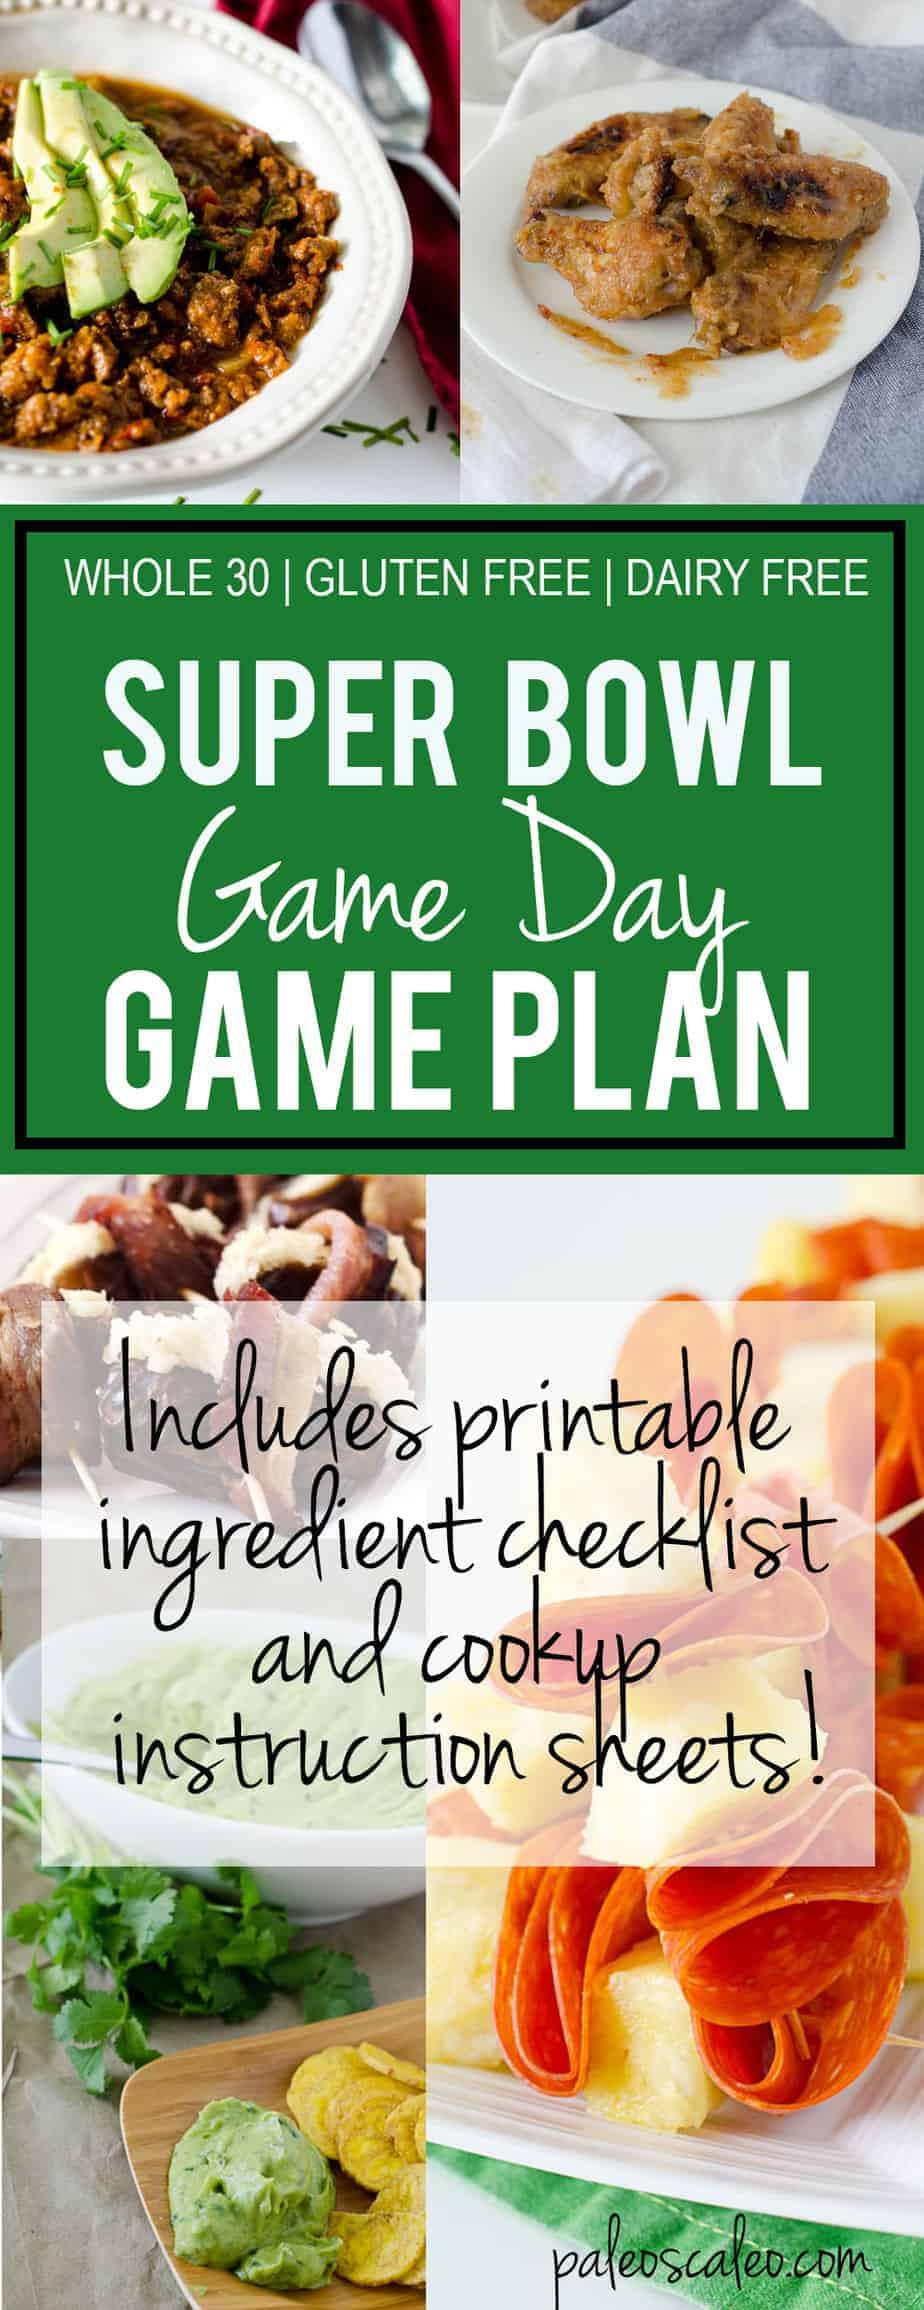 Super Bowl Game Day Game Plan | PaleoScaleo.com